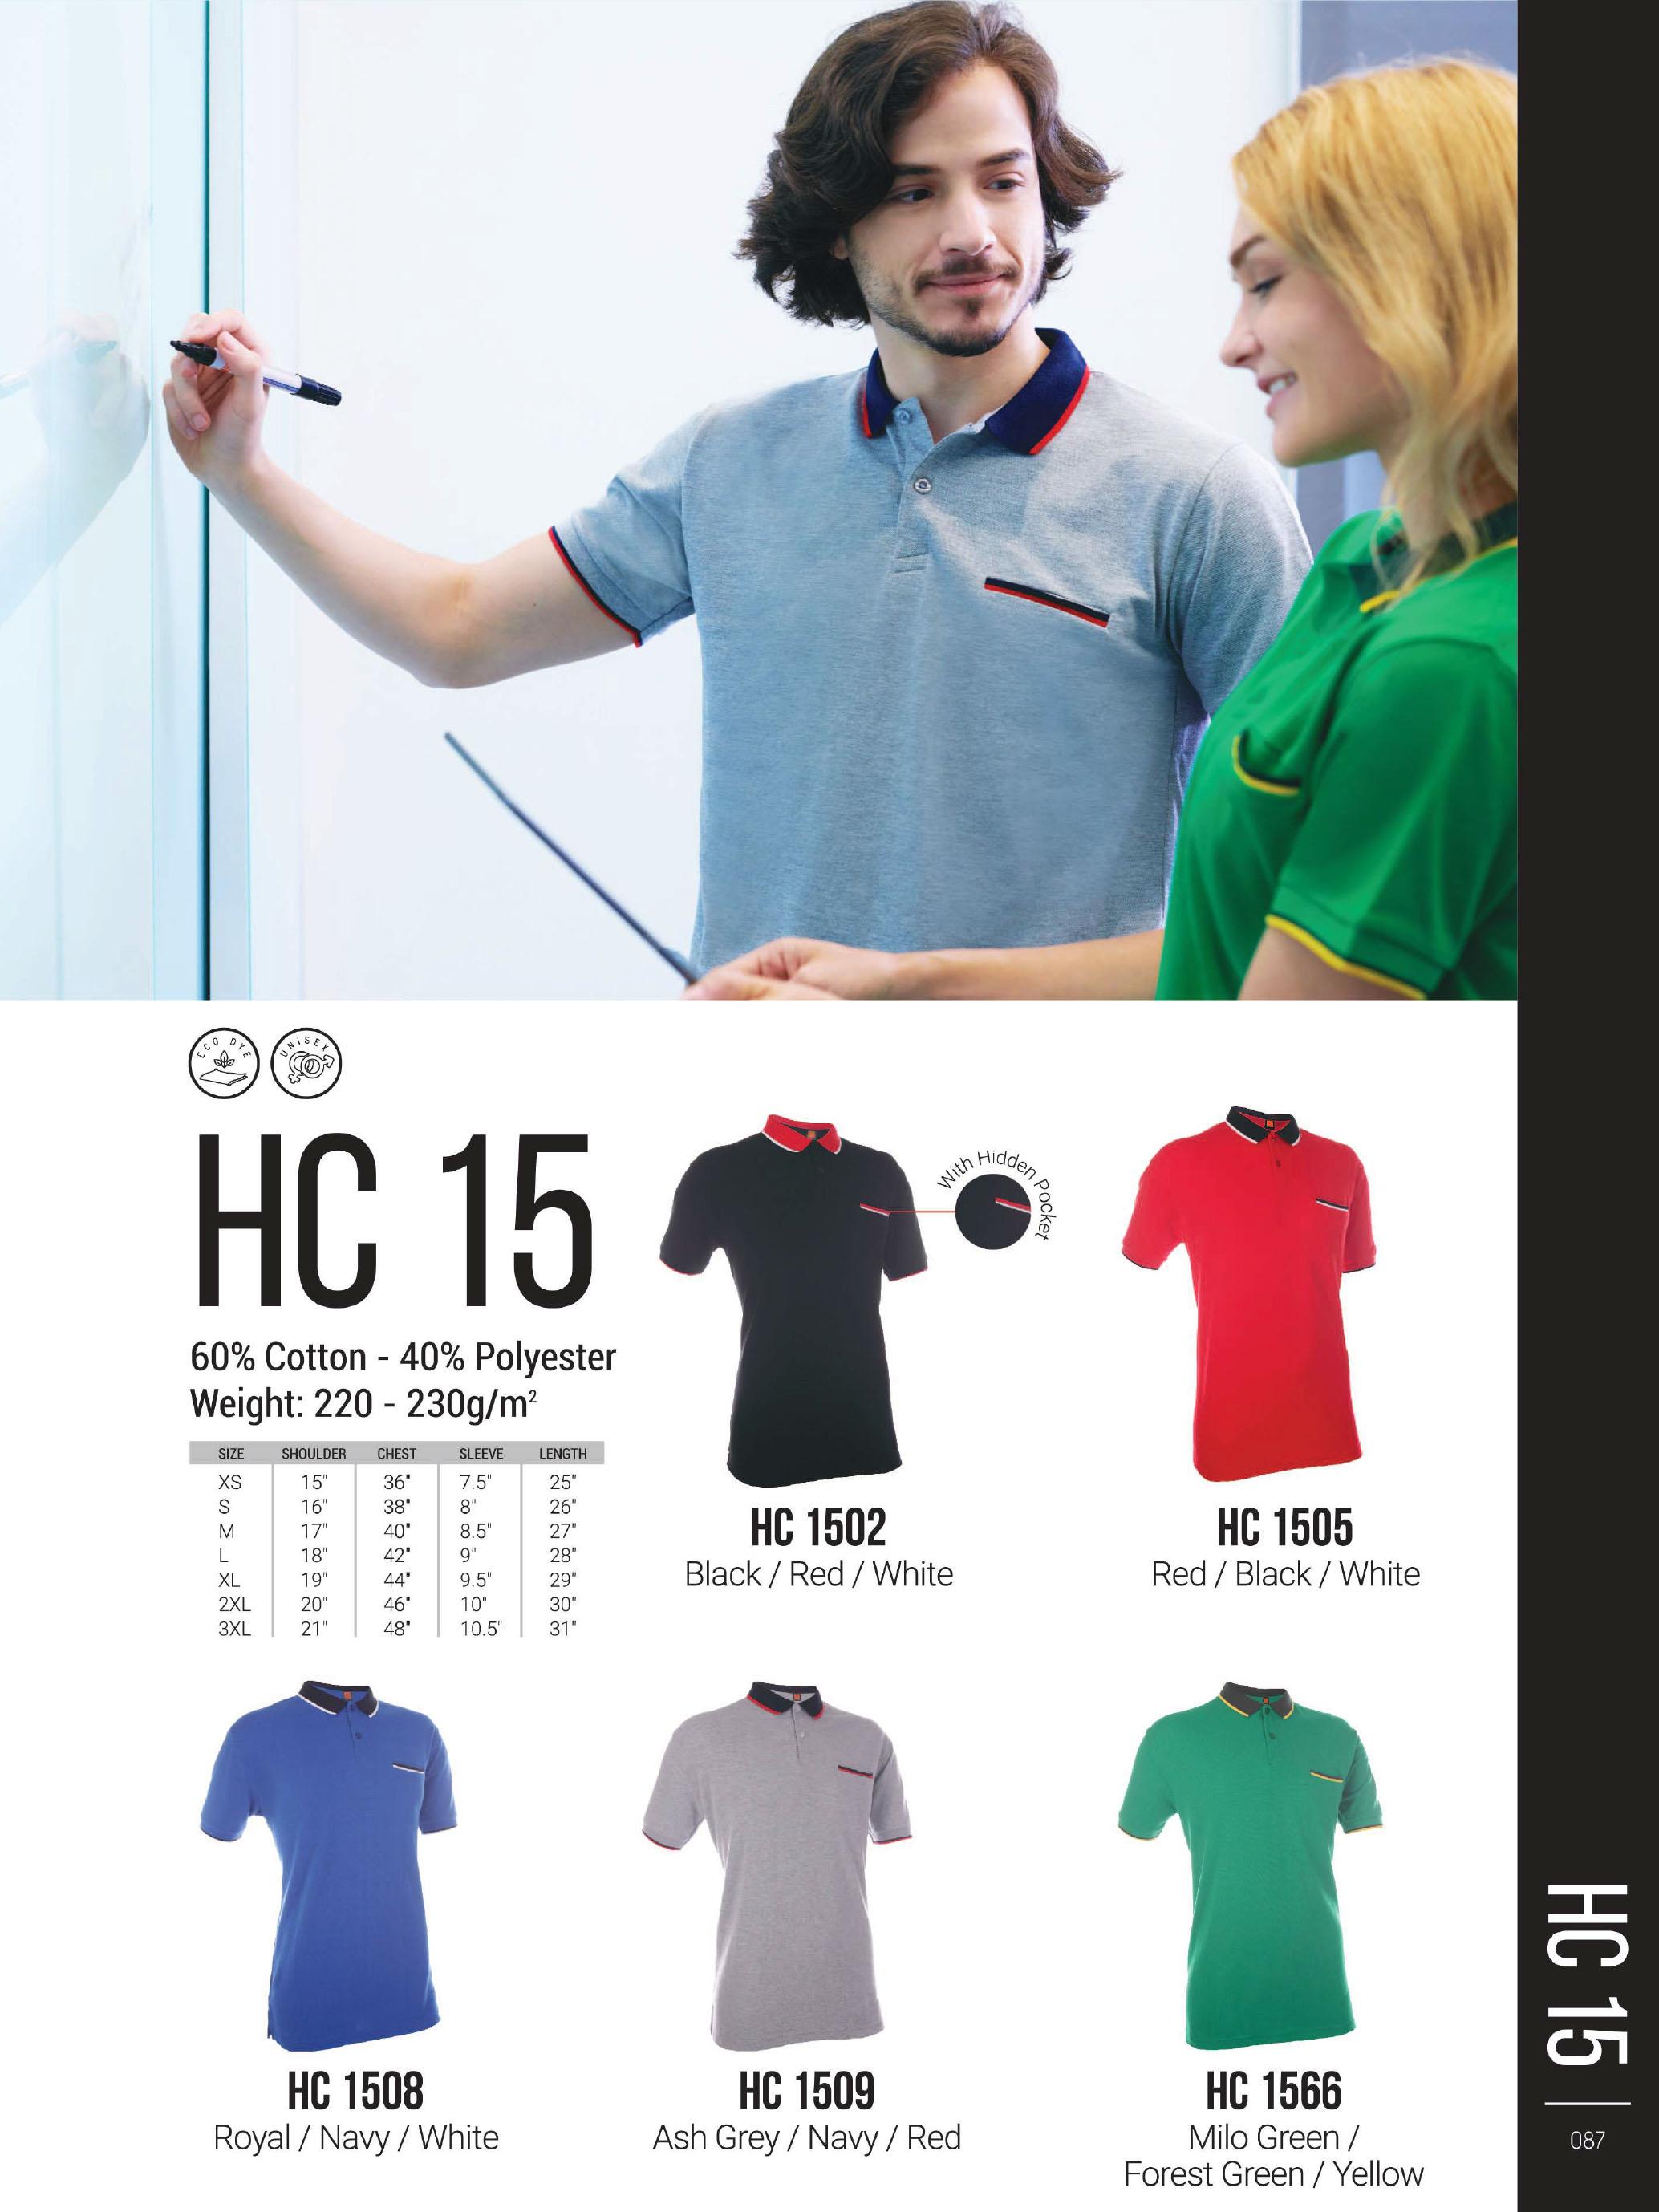 Oren Sport Catalogue 2021-89-HoneyComb